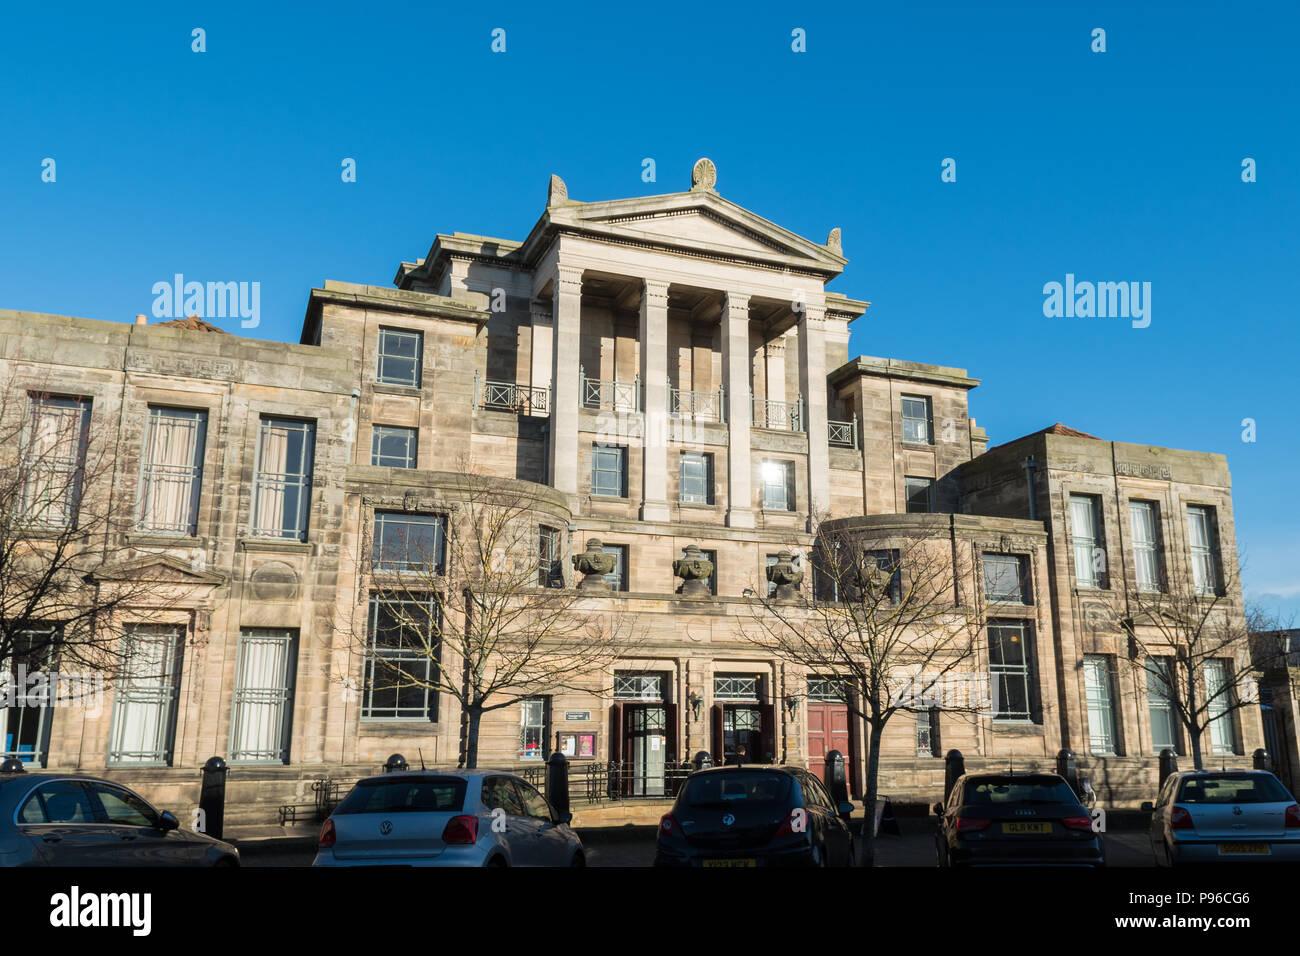 Jüngere Hall, Graduierung und Konzertsaal Universität St. Andrews, St Andrews, Schottland, UK Stockbild